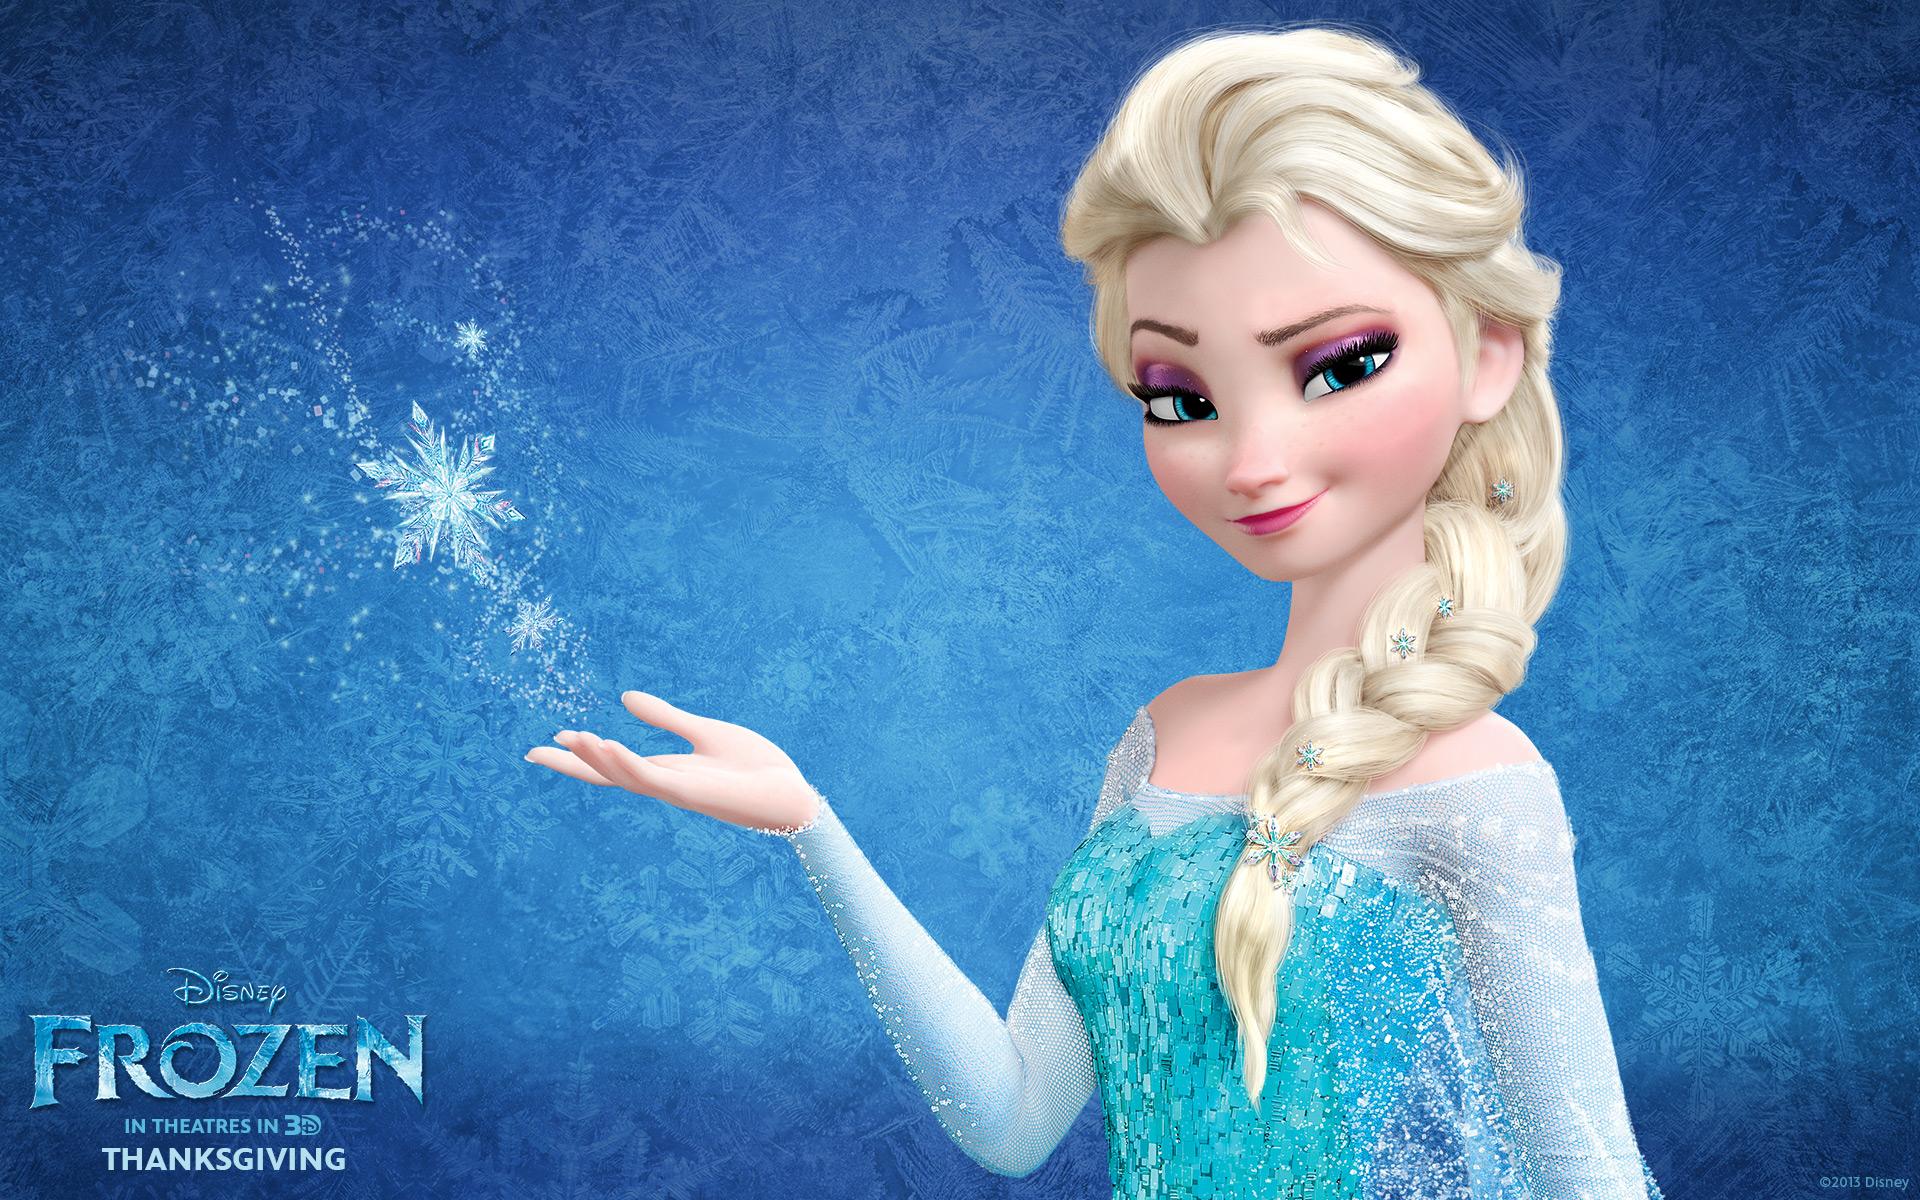 Frozen Wallpaper   Frozen Wallpaper 35897233 1920x1200